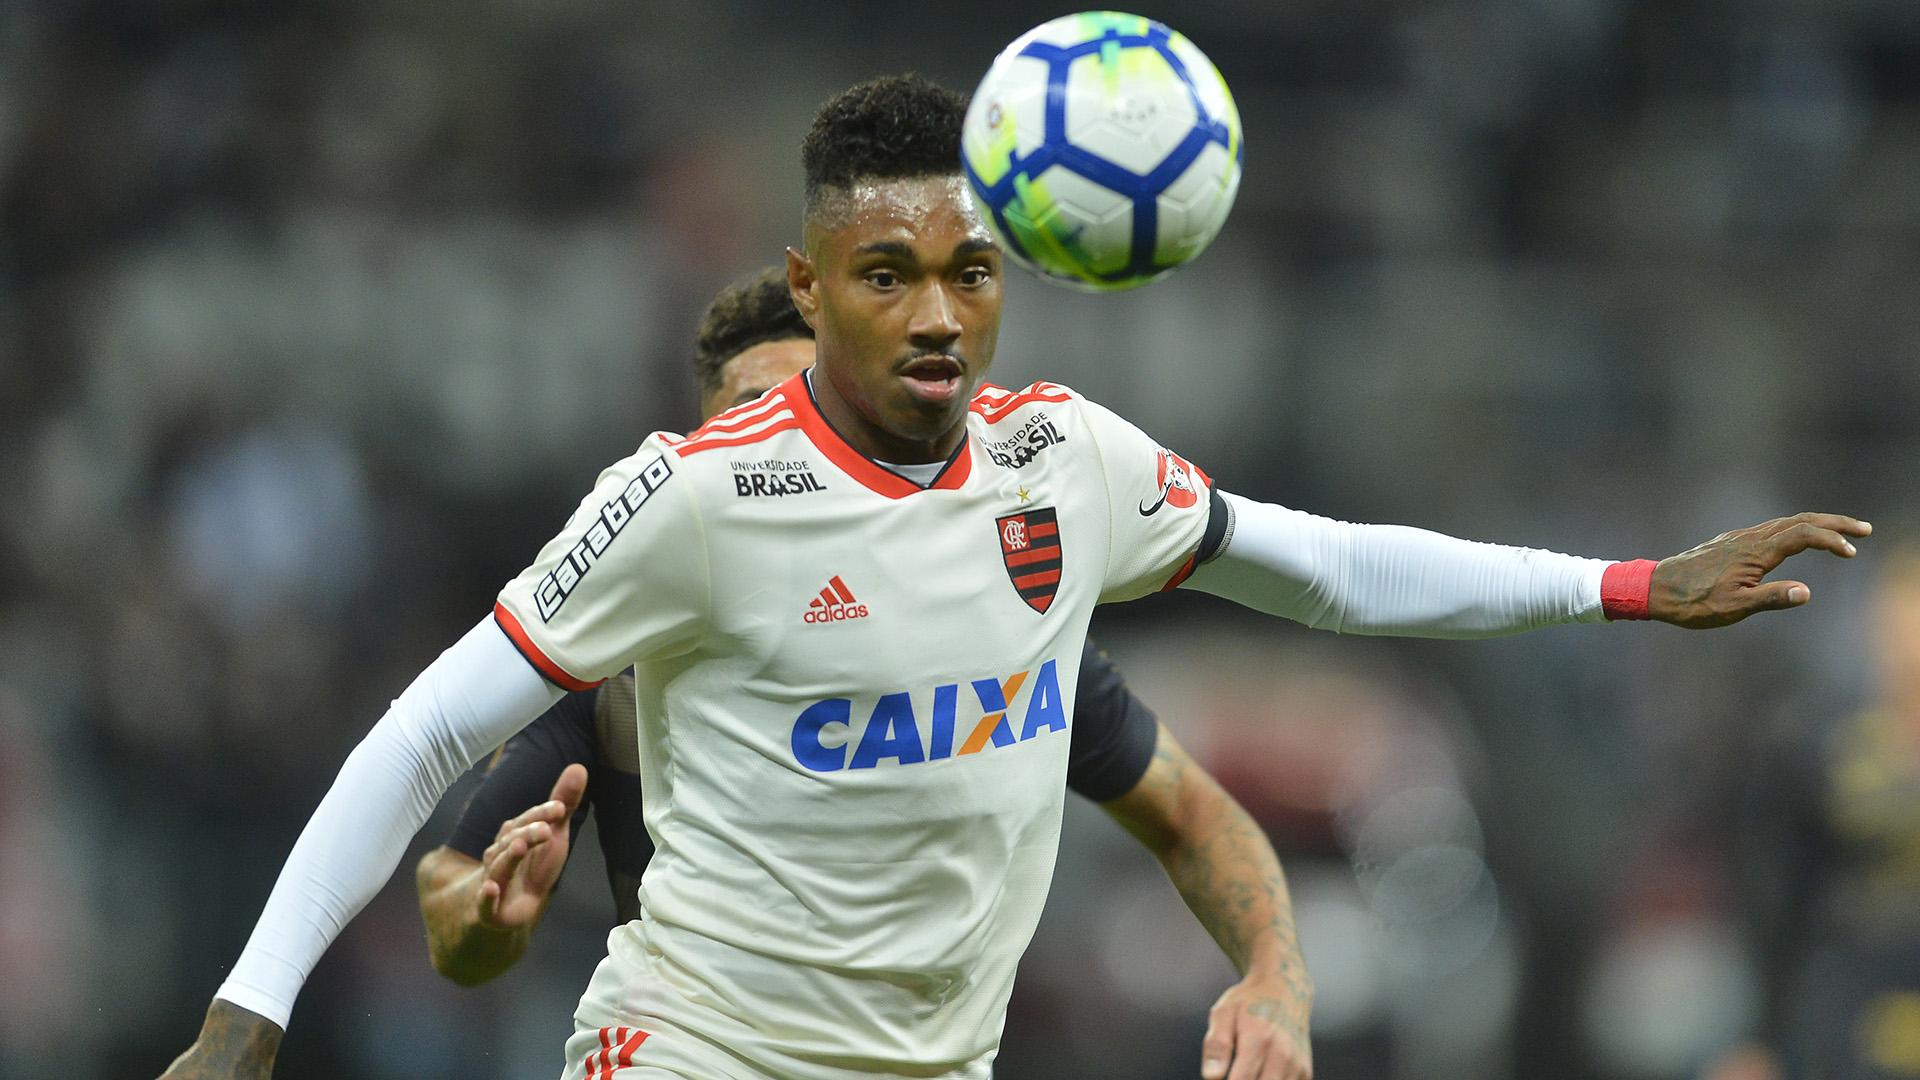 Maior contratação da história do Fla, Vitinho pode se espelhar em Everton Ribeiro em 2019